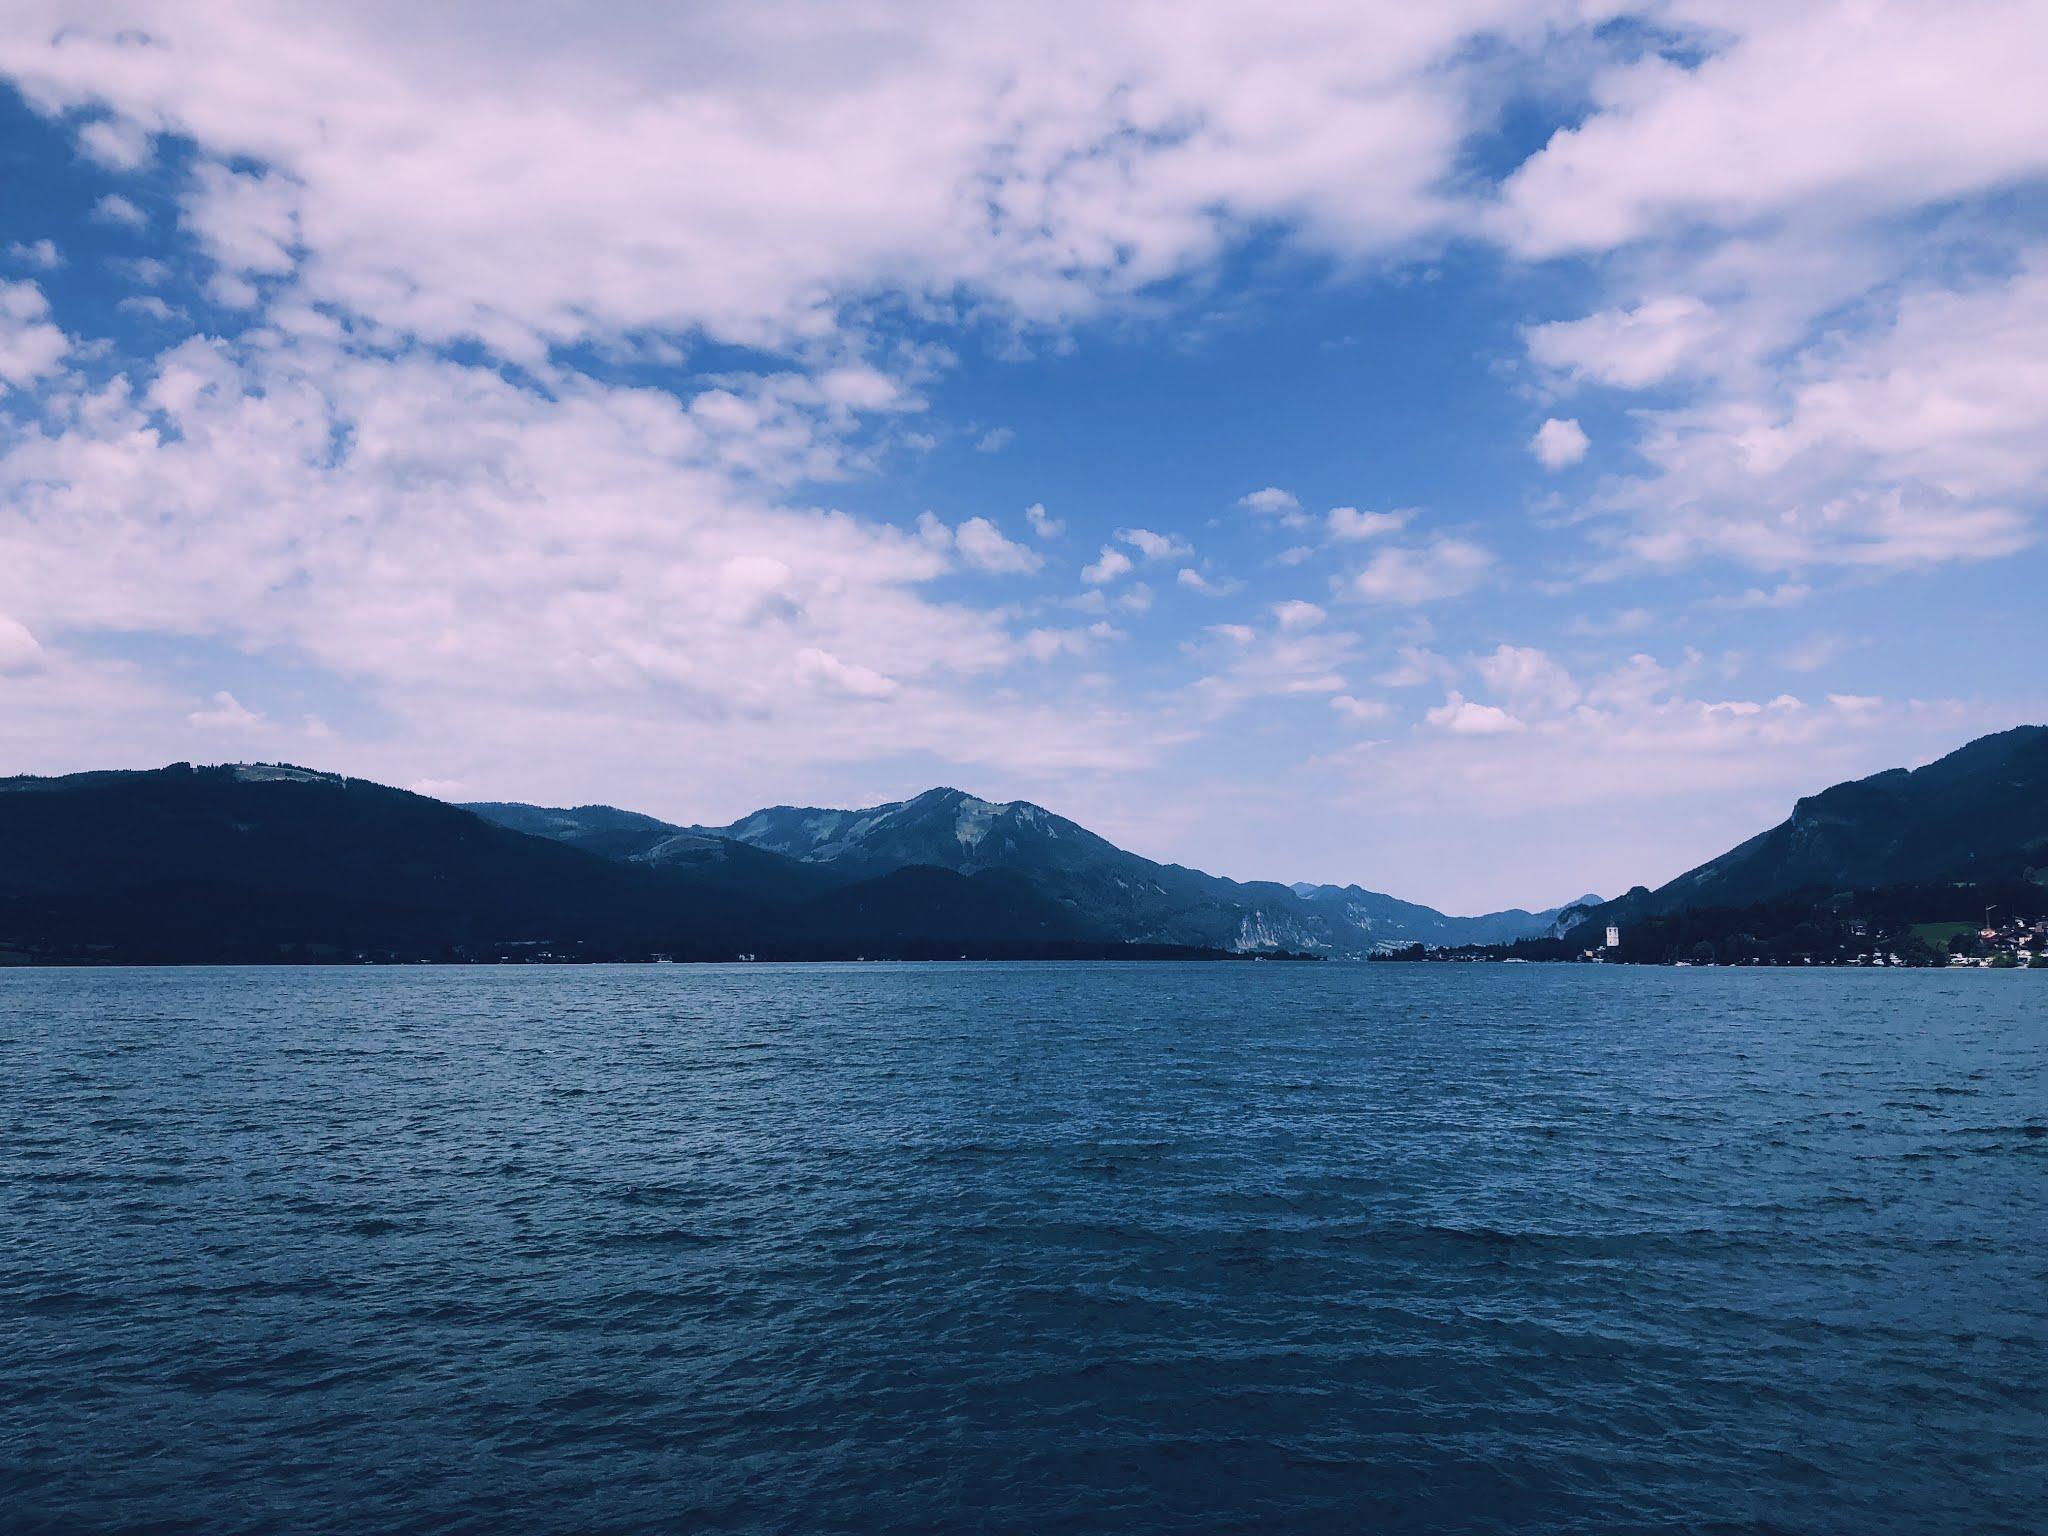 Bergen landschap met wolkenhemel en helderblauw water.